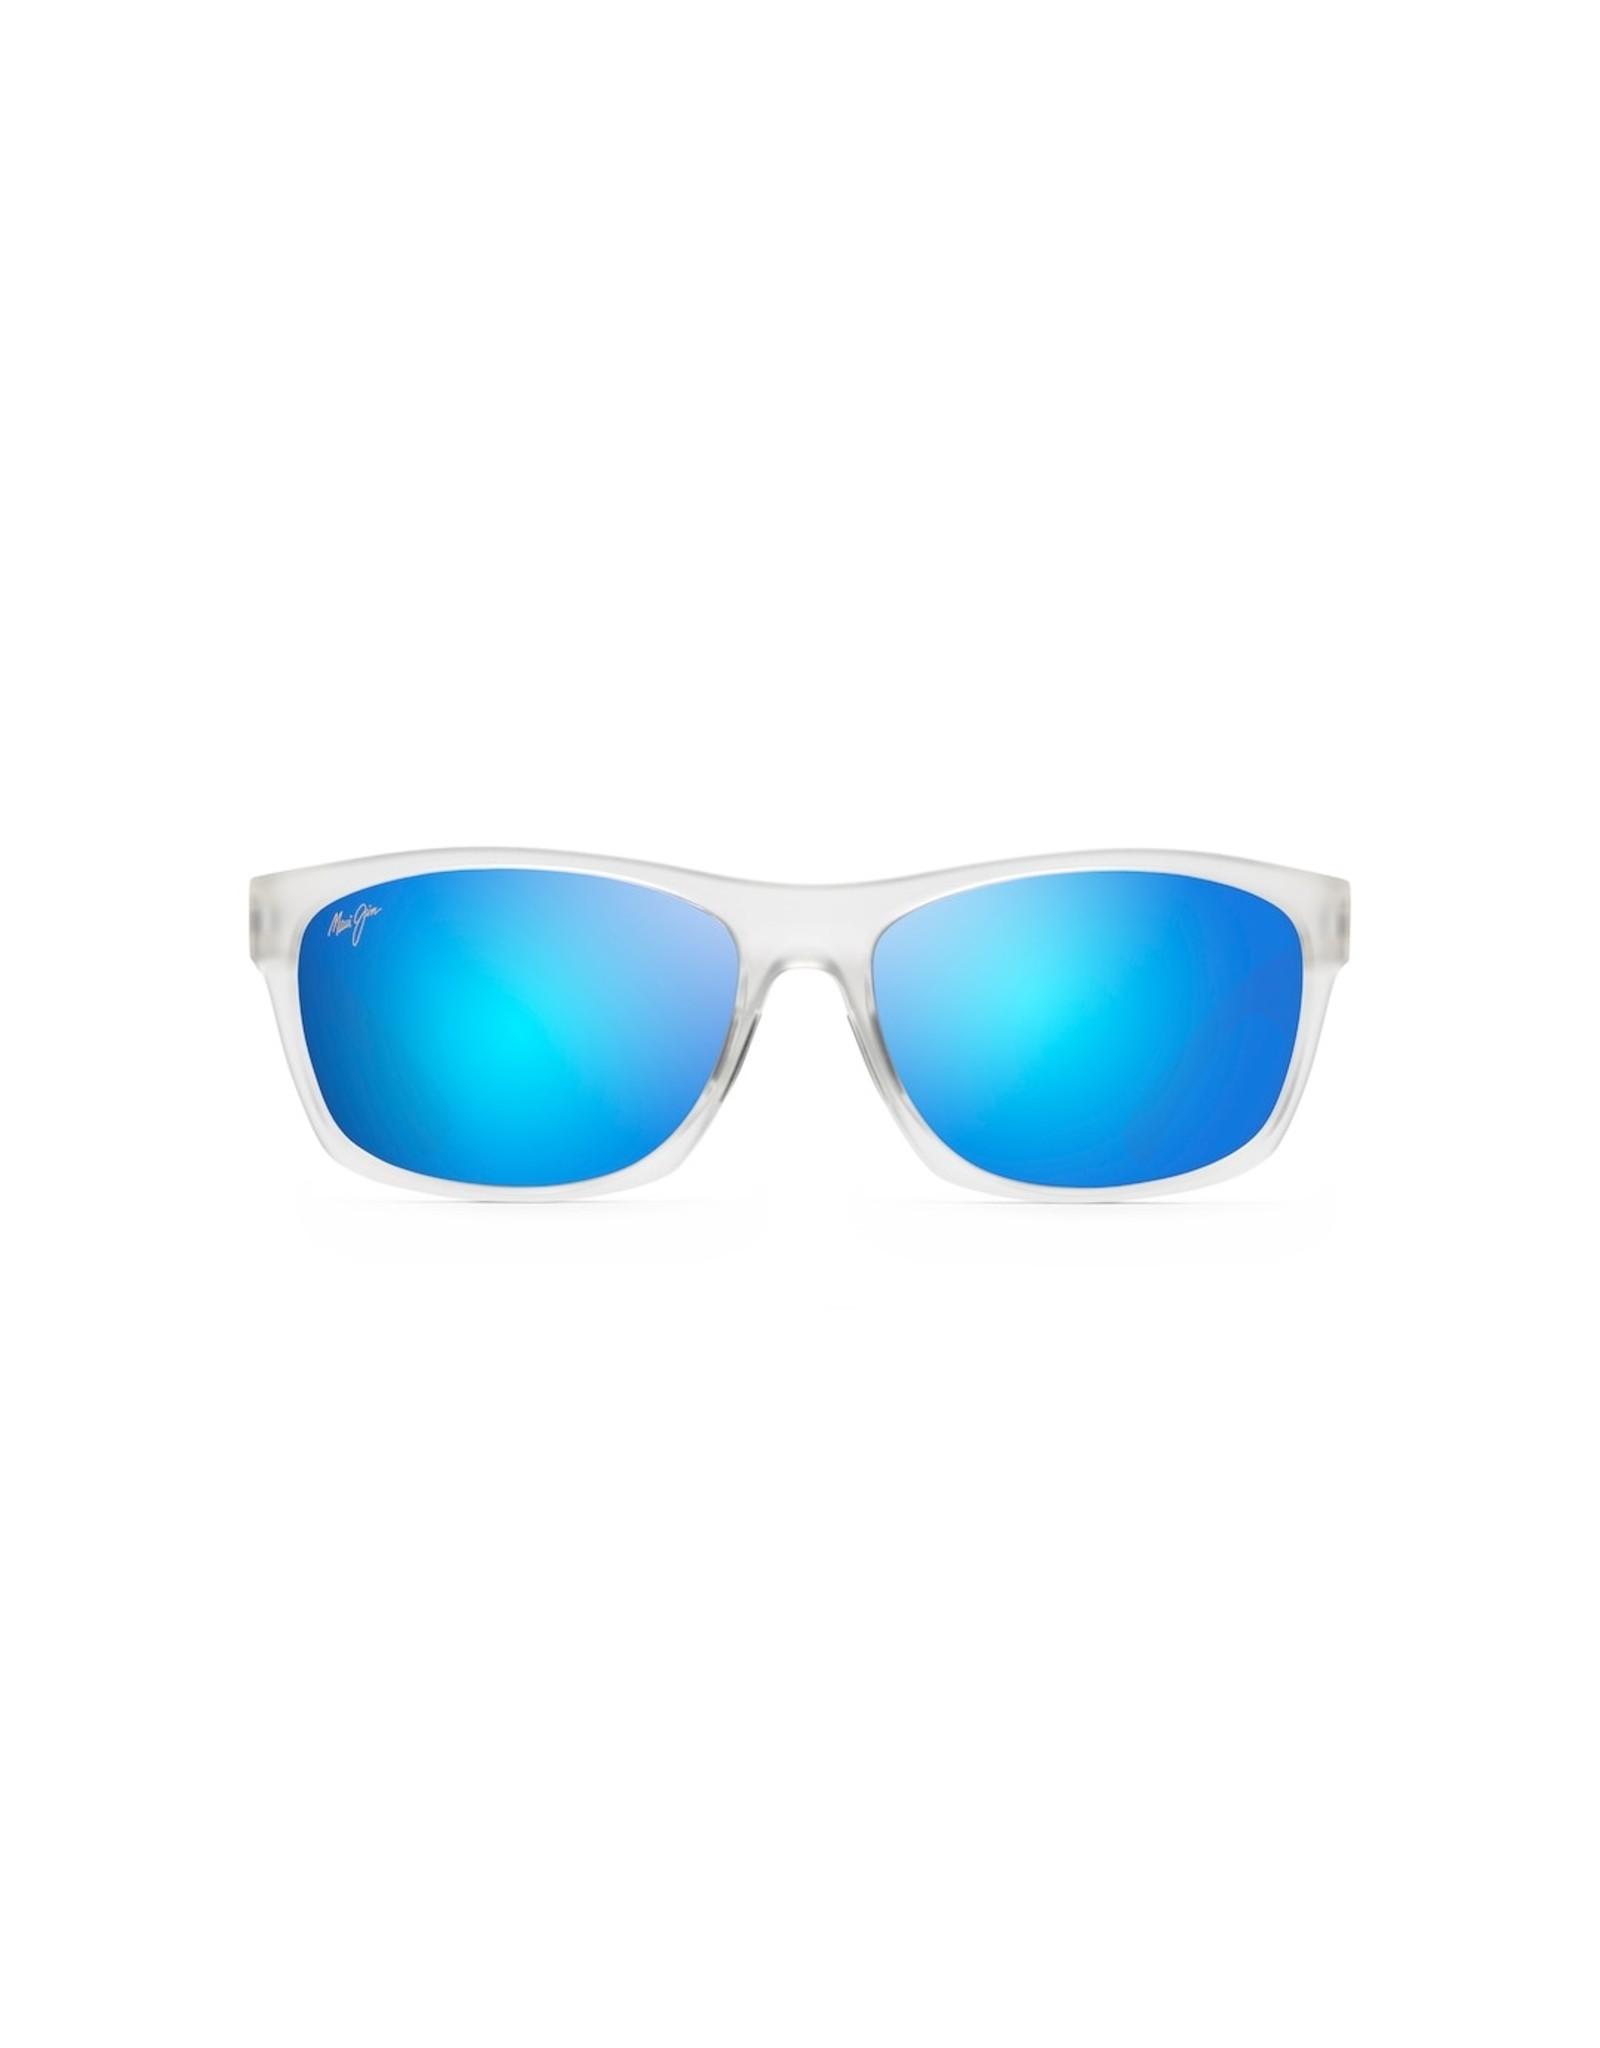 Maui Jim Maui Jim 'TumbleLand' Sunglasses